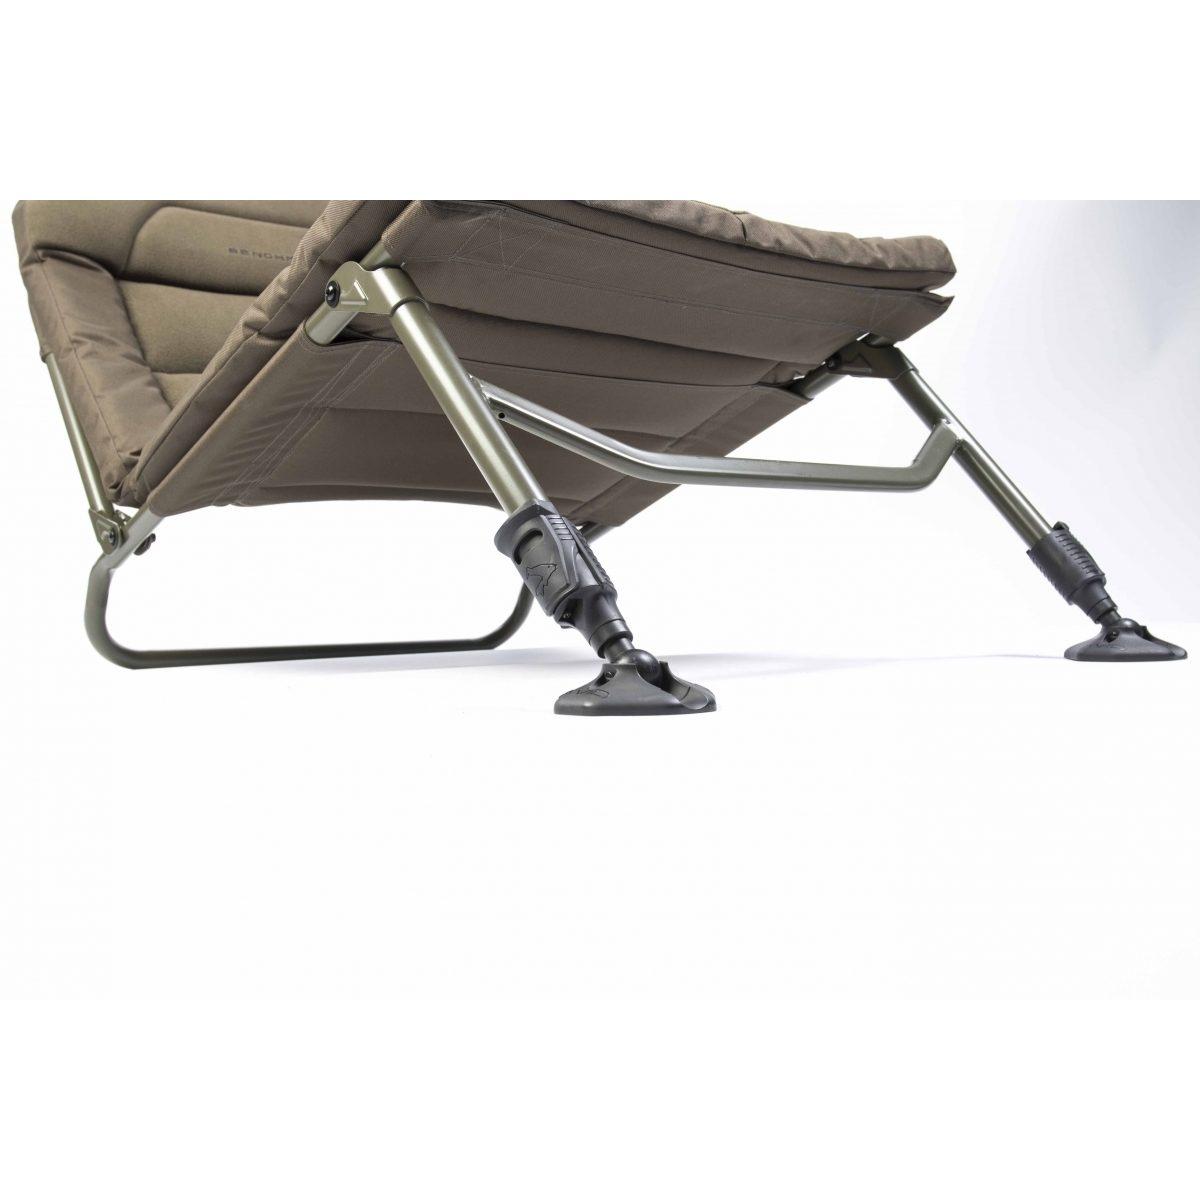 Stoel avid carp benchmark memory foam multi chair